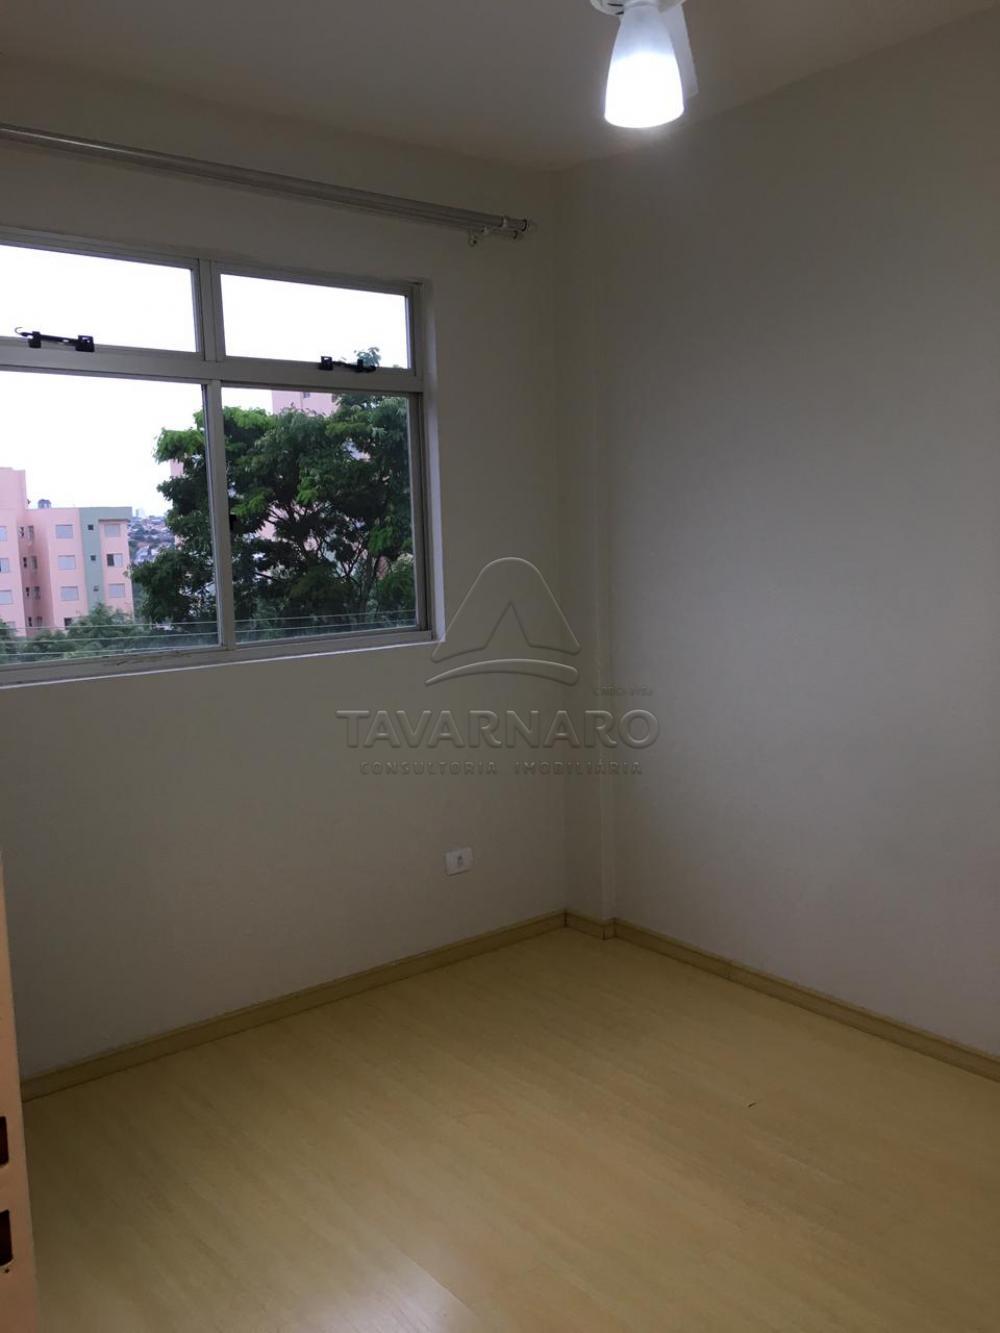 Comprar Apartamento / Padrão em Ponta Grossa R$ 190.000,00 - Foto 5